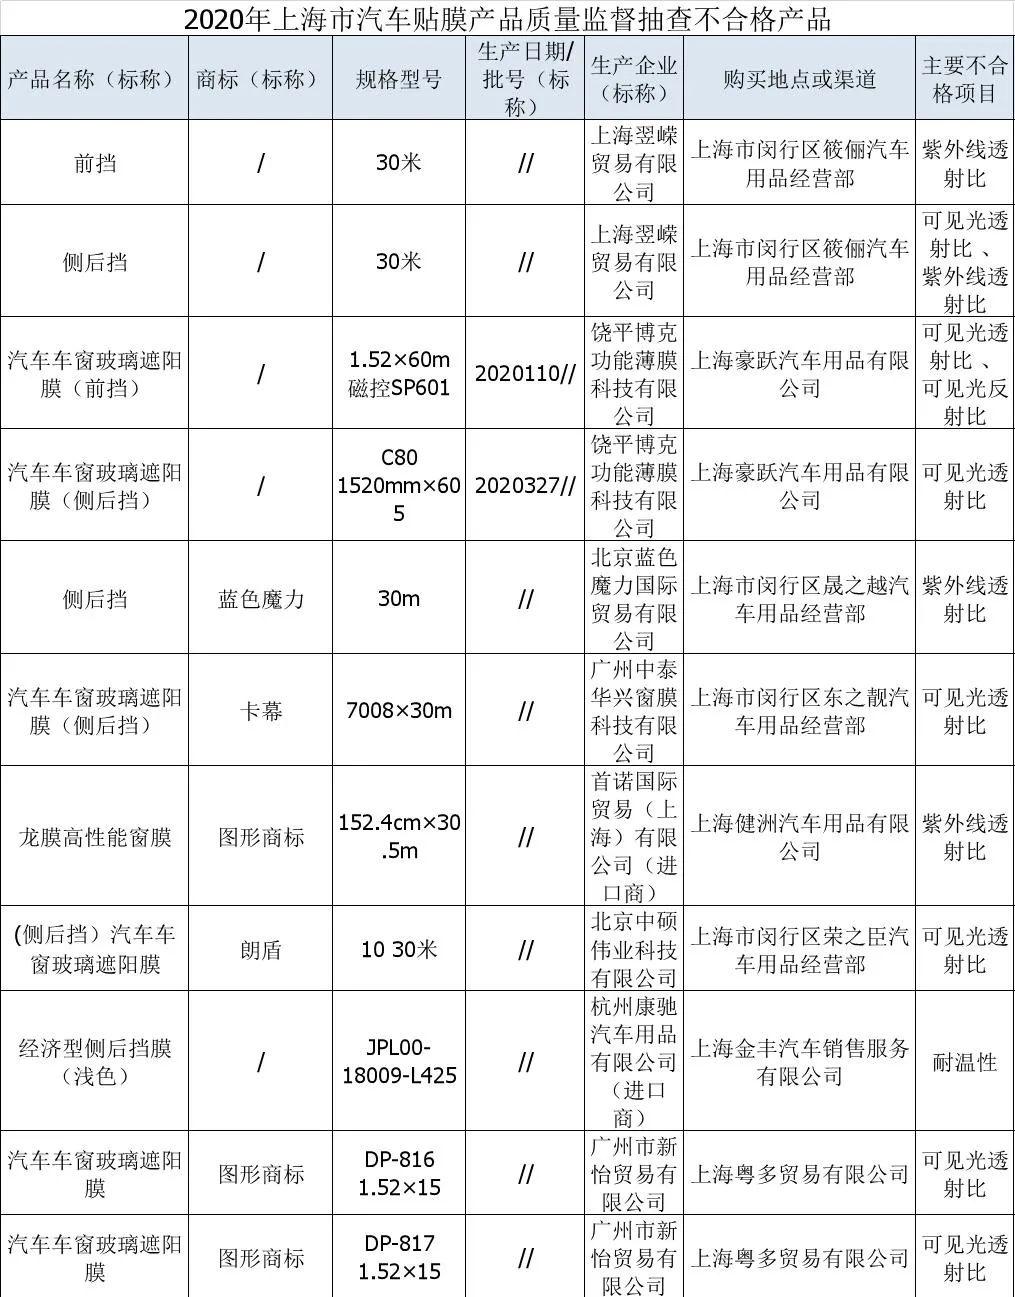 影响安全、无遮阳作用 上海:卡幕等11批次汽车玻璃遮阳膜不合格